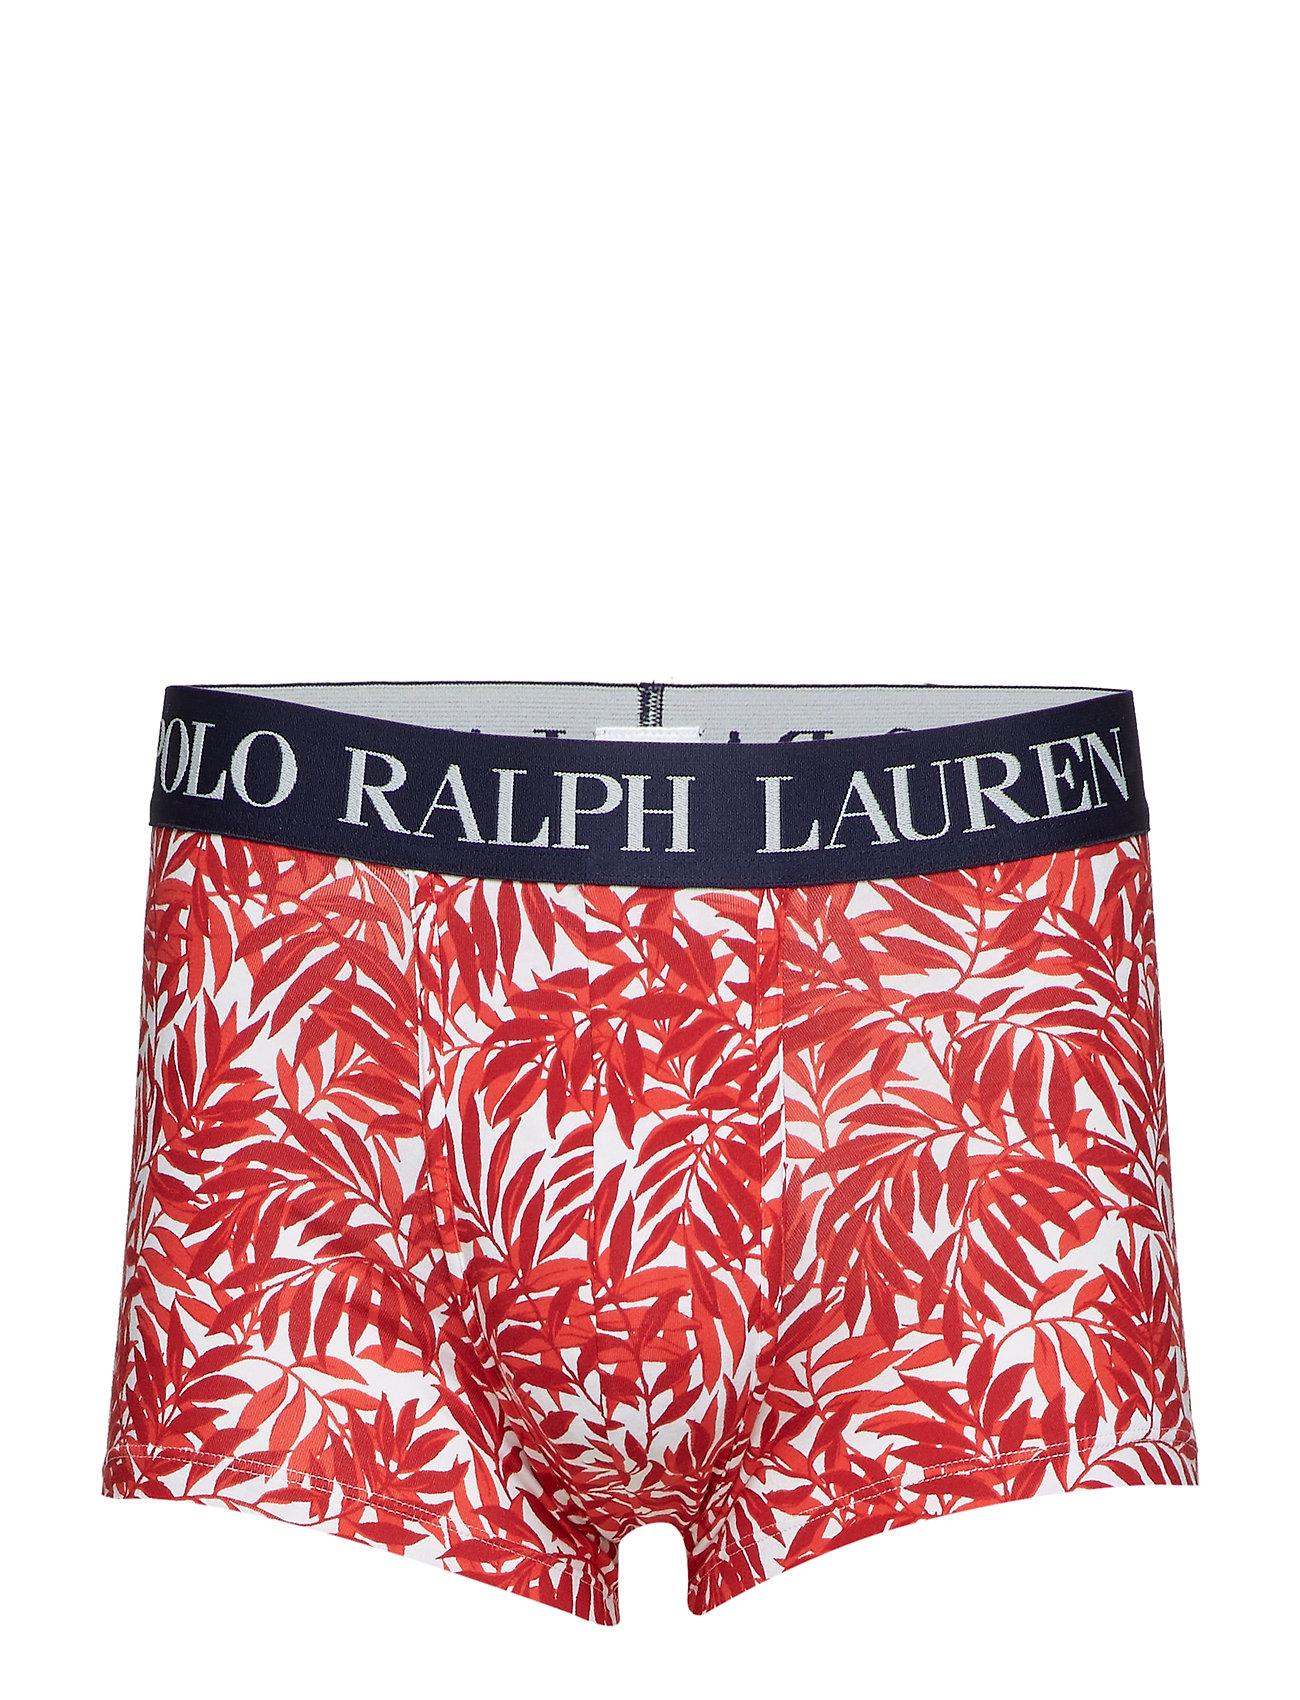 elastane 1pk Red Underwear Lauren Ralph 2000 PalmPolo Cotton trnrl kPiuXZ